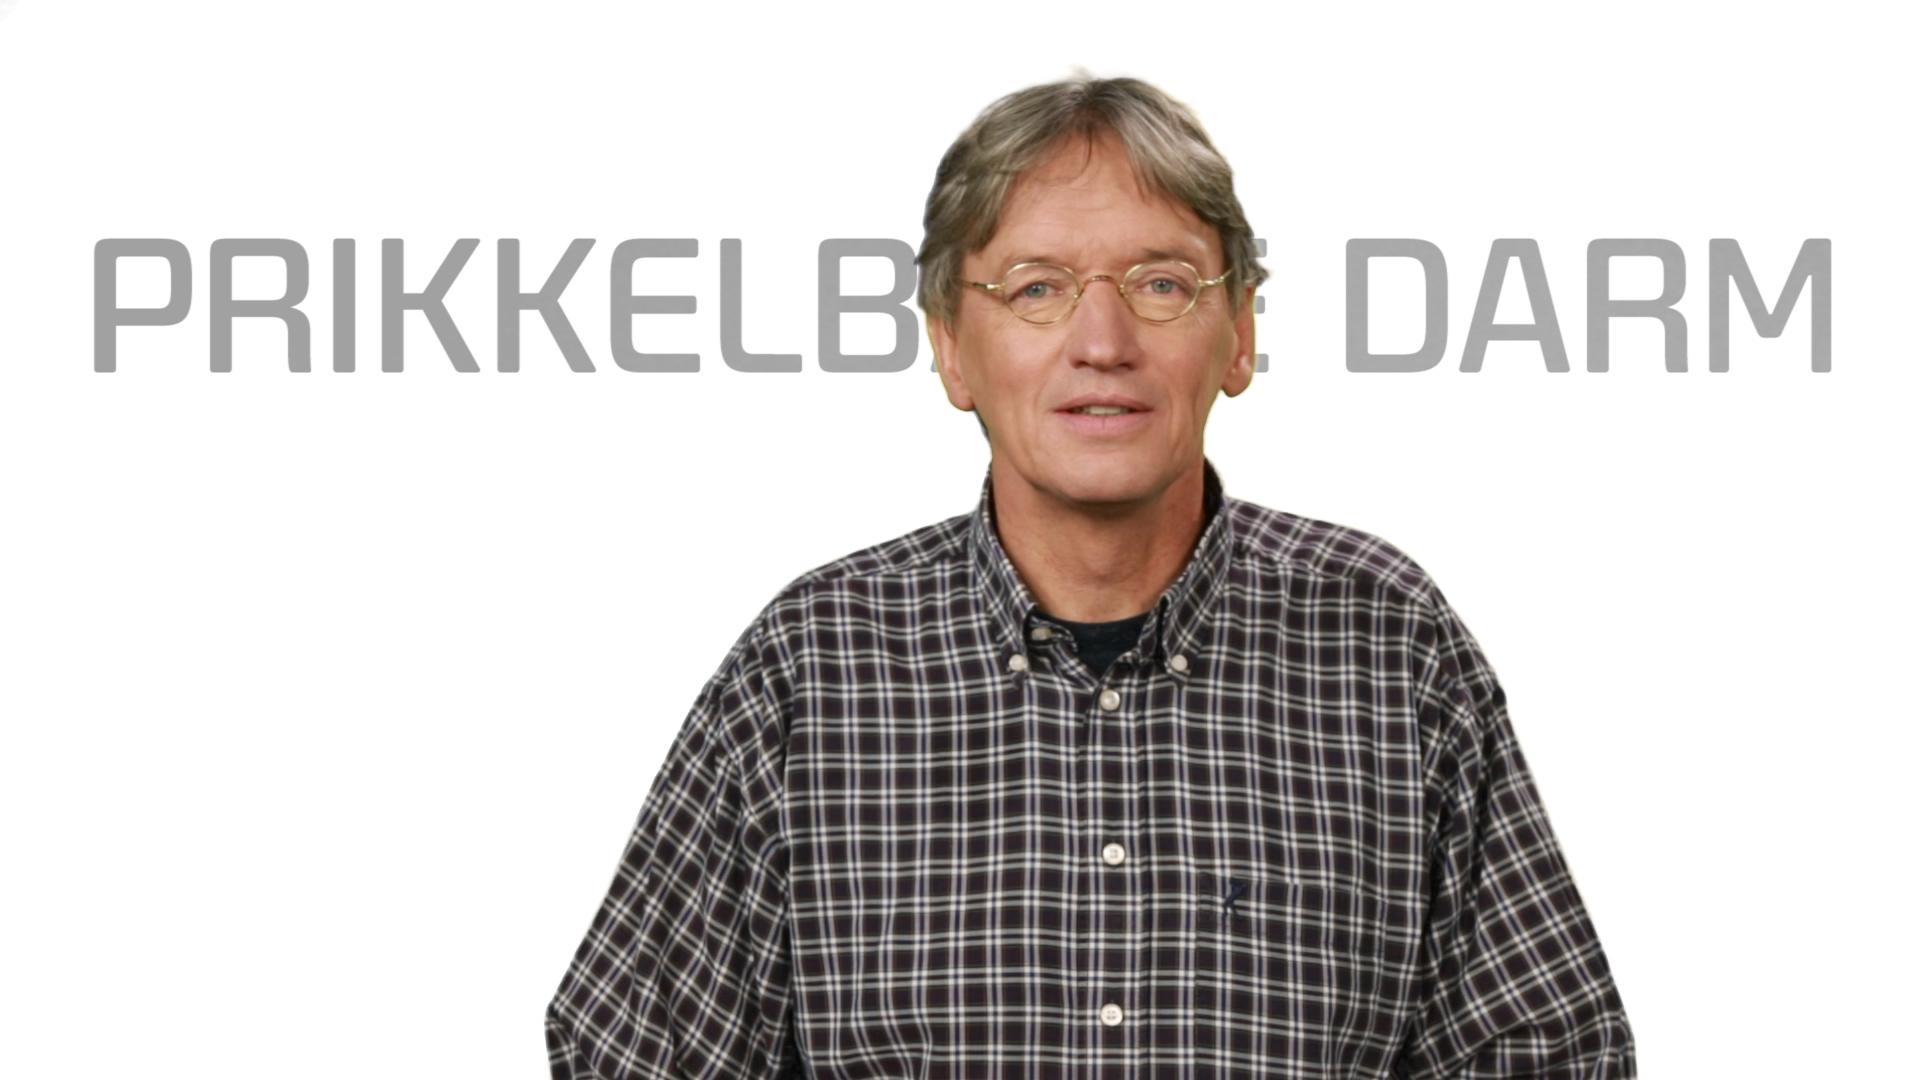 Bekijk de video: Prikkelbare darm